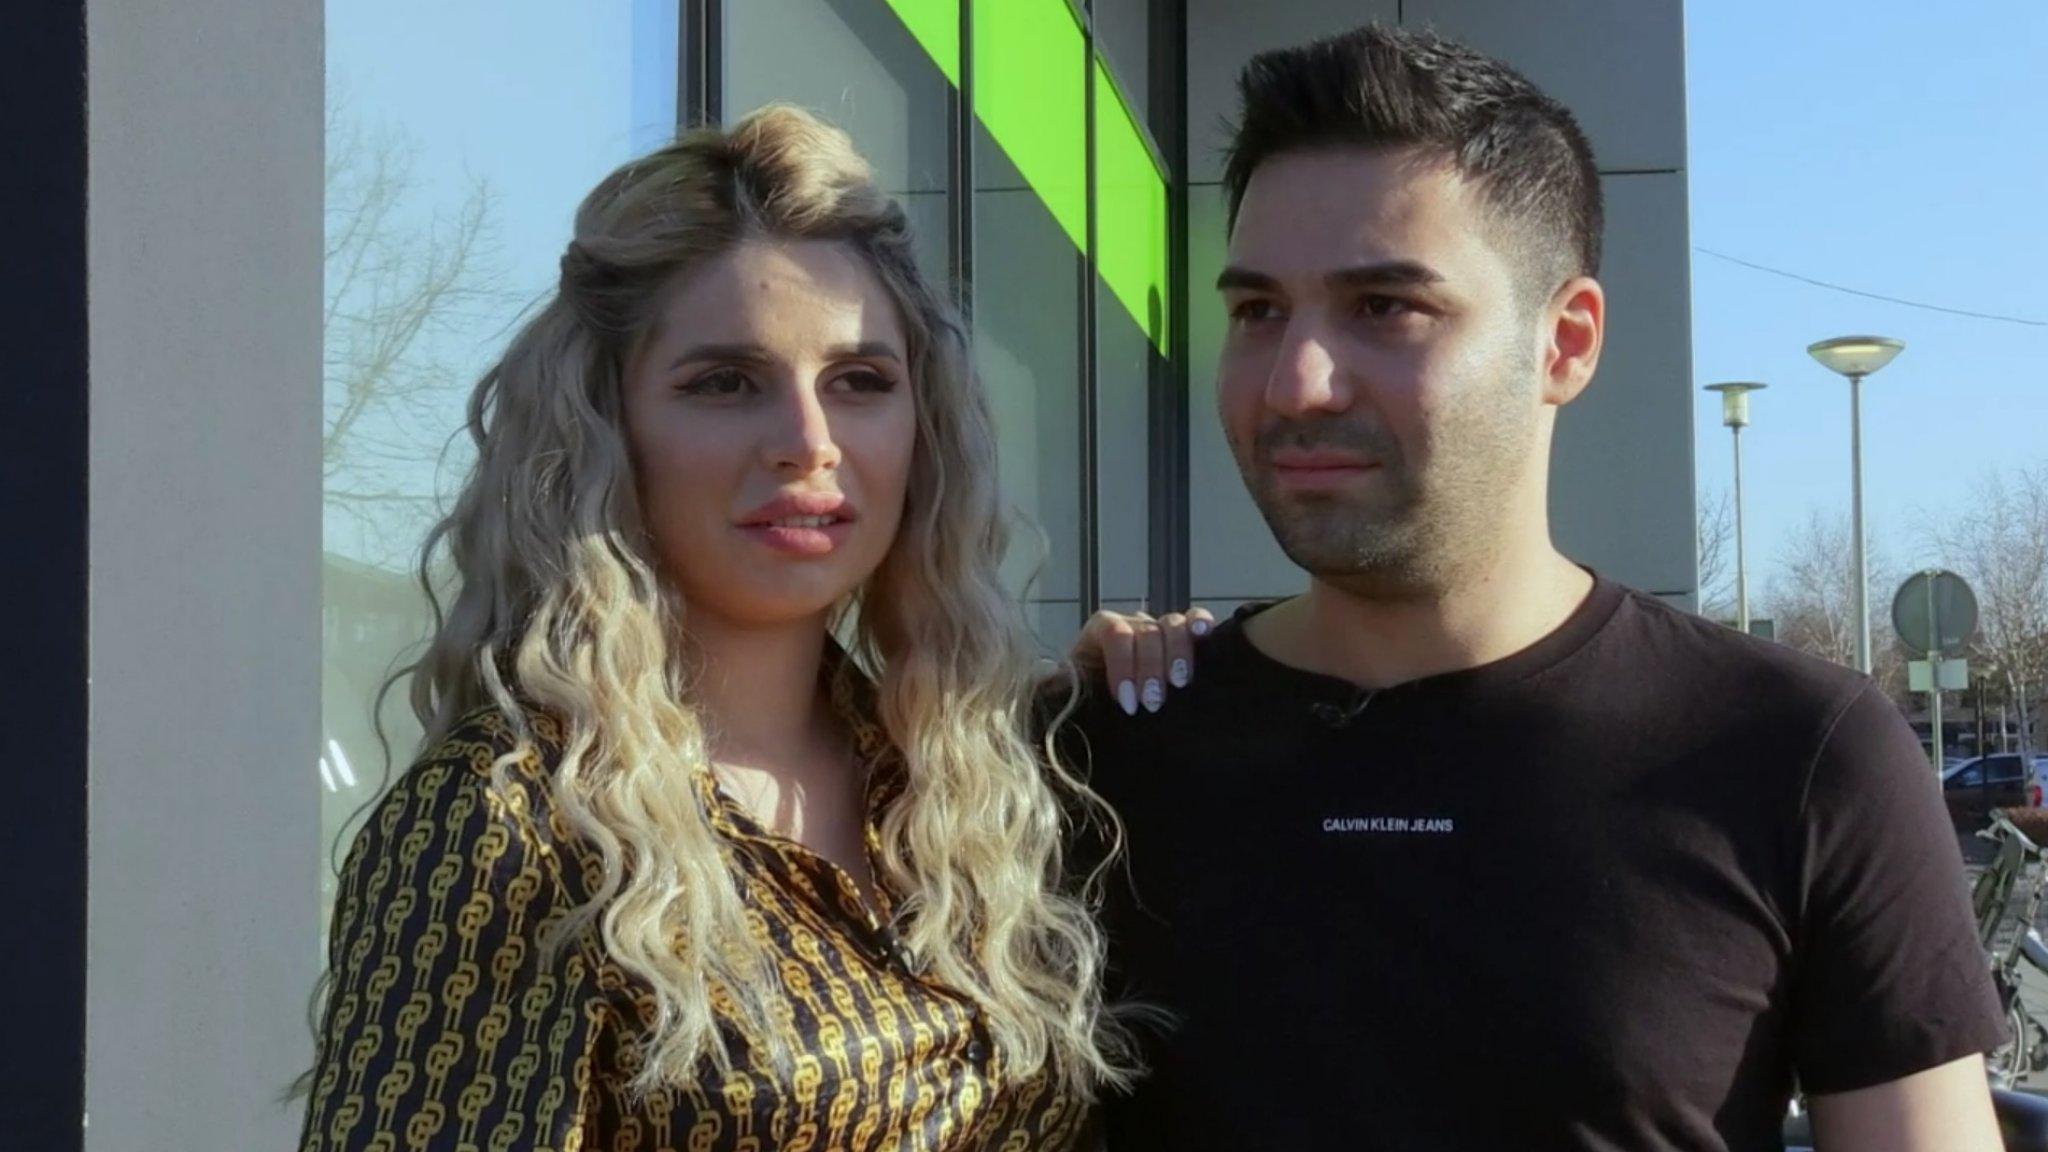 Alisa uit EOTB valt niet in smaak bij kijkers Steenrijk, Straatarm - RTL Nieuws